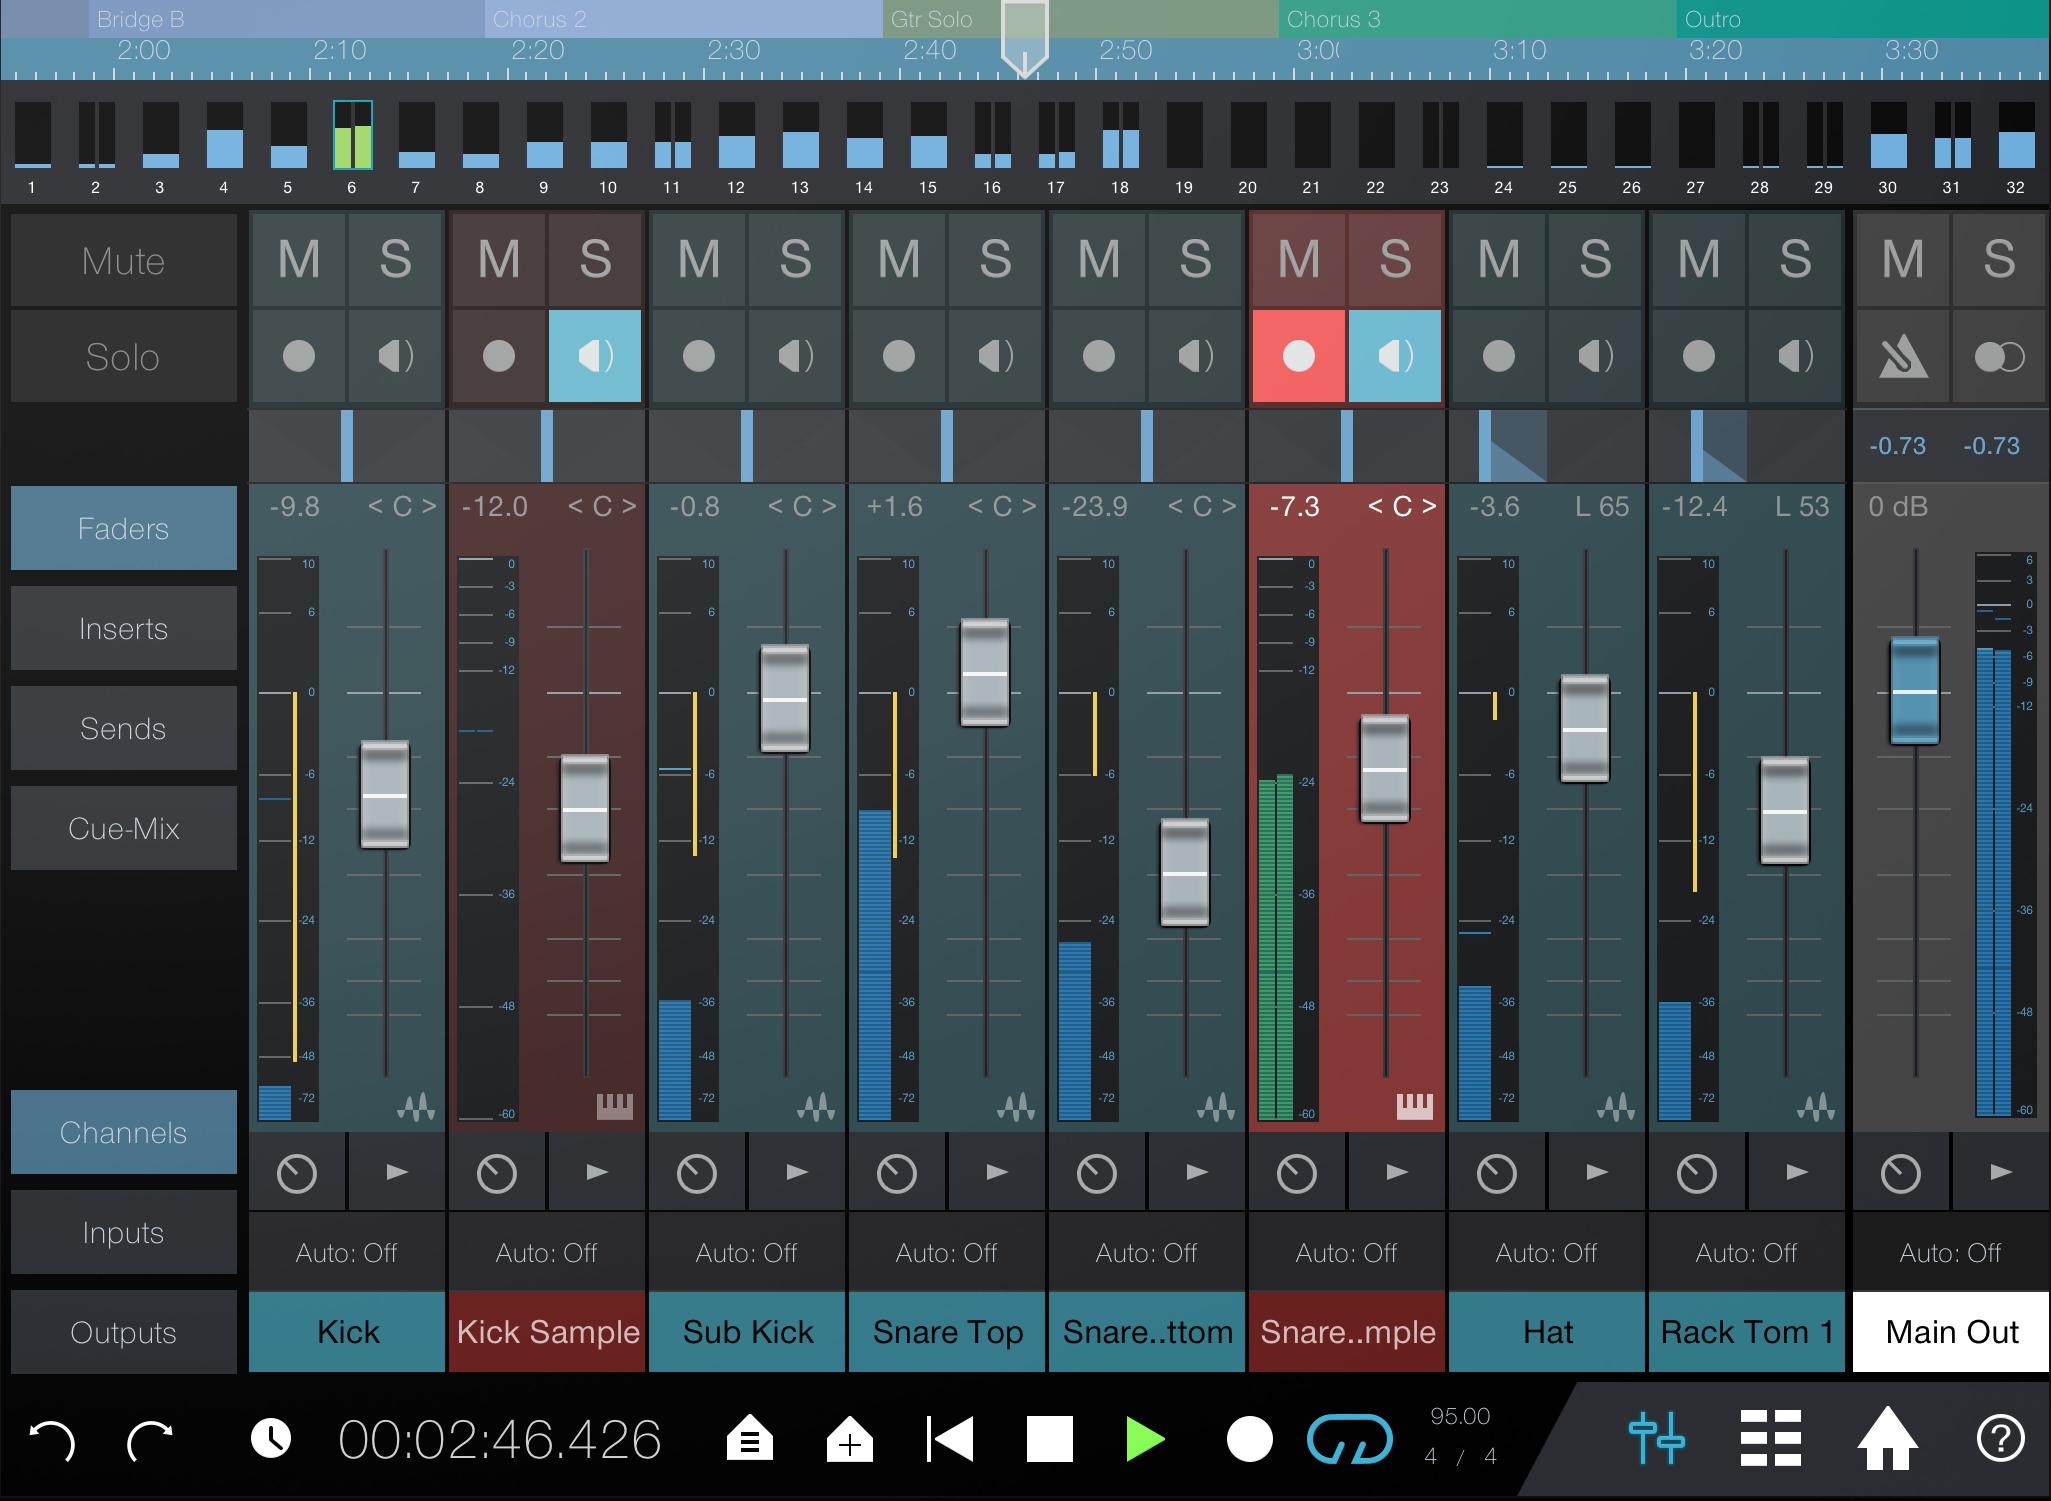 PreSonus Studio One Remote. Click to download image.